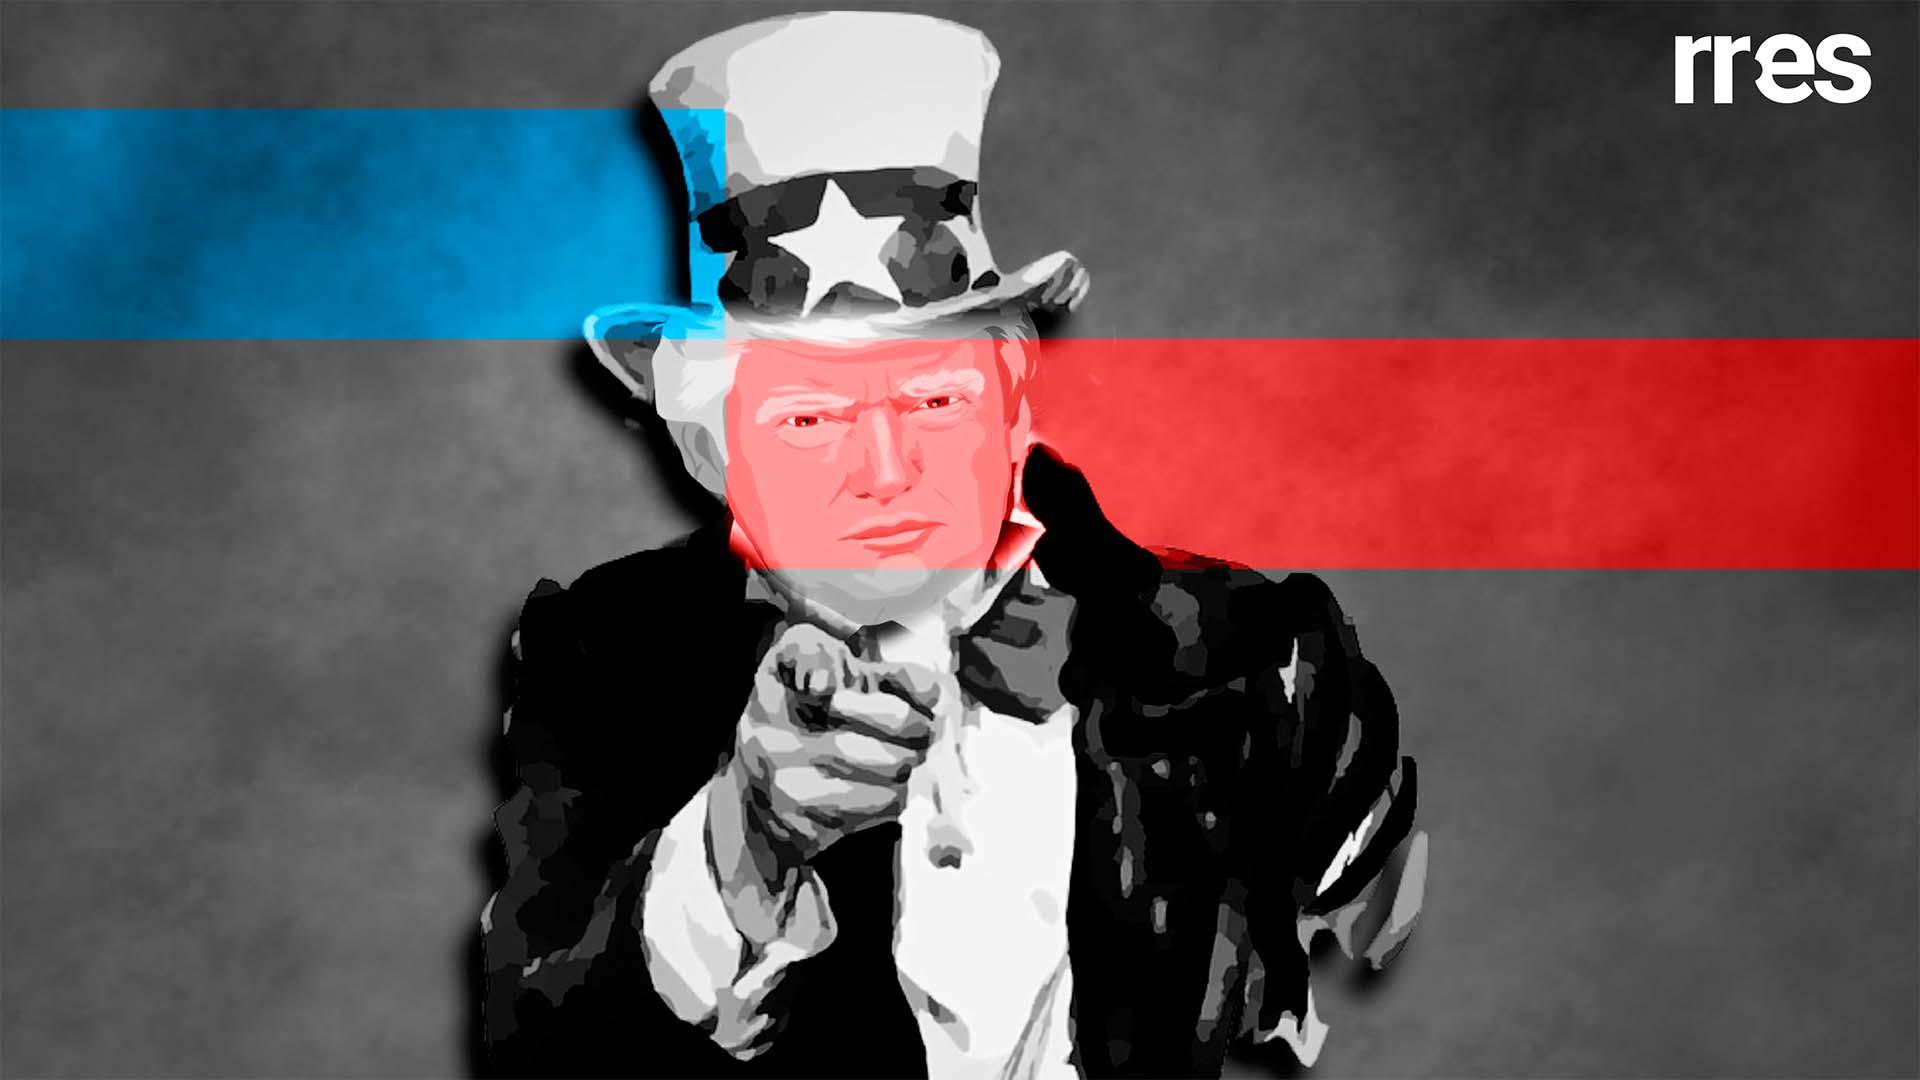 ¿Cuál es la propuesta de Trump para su segundo período en la presidencia?, por Wilfredo Urbina